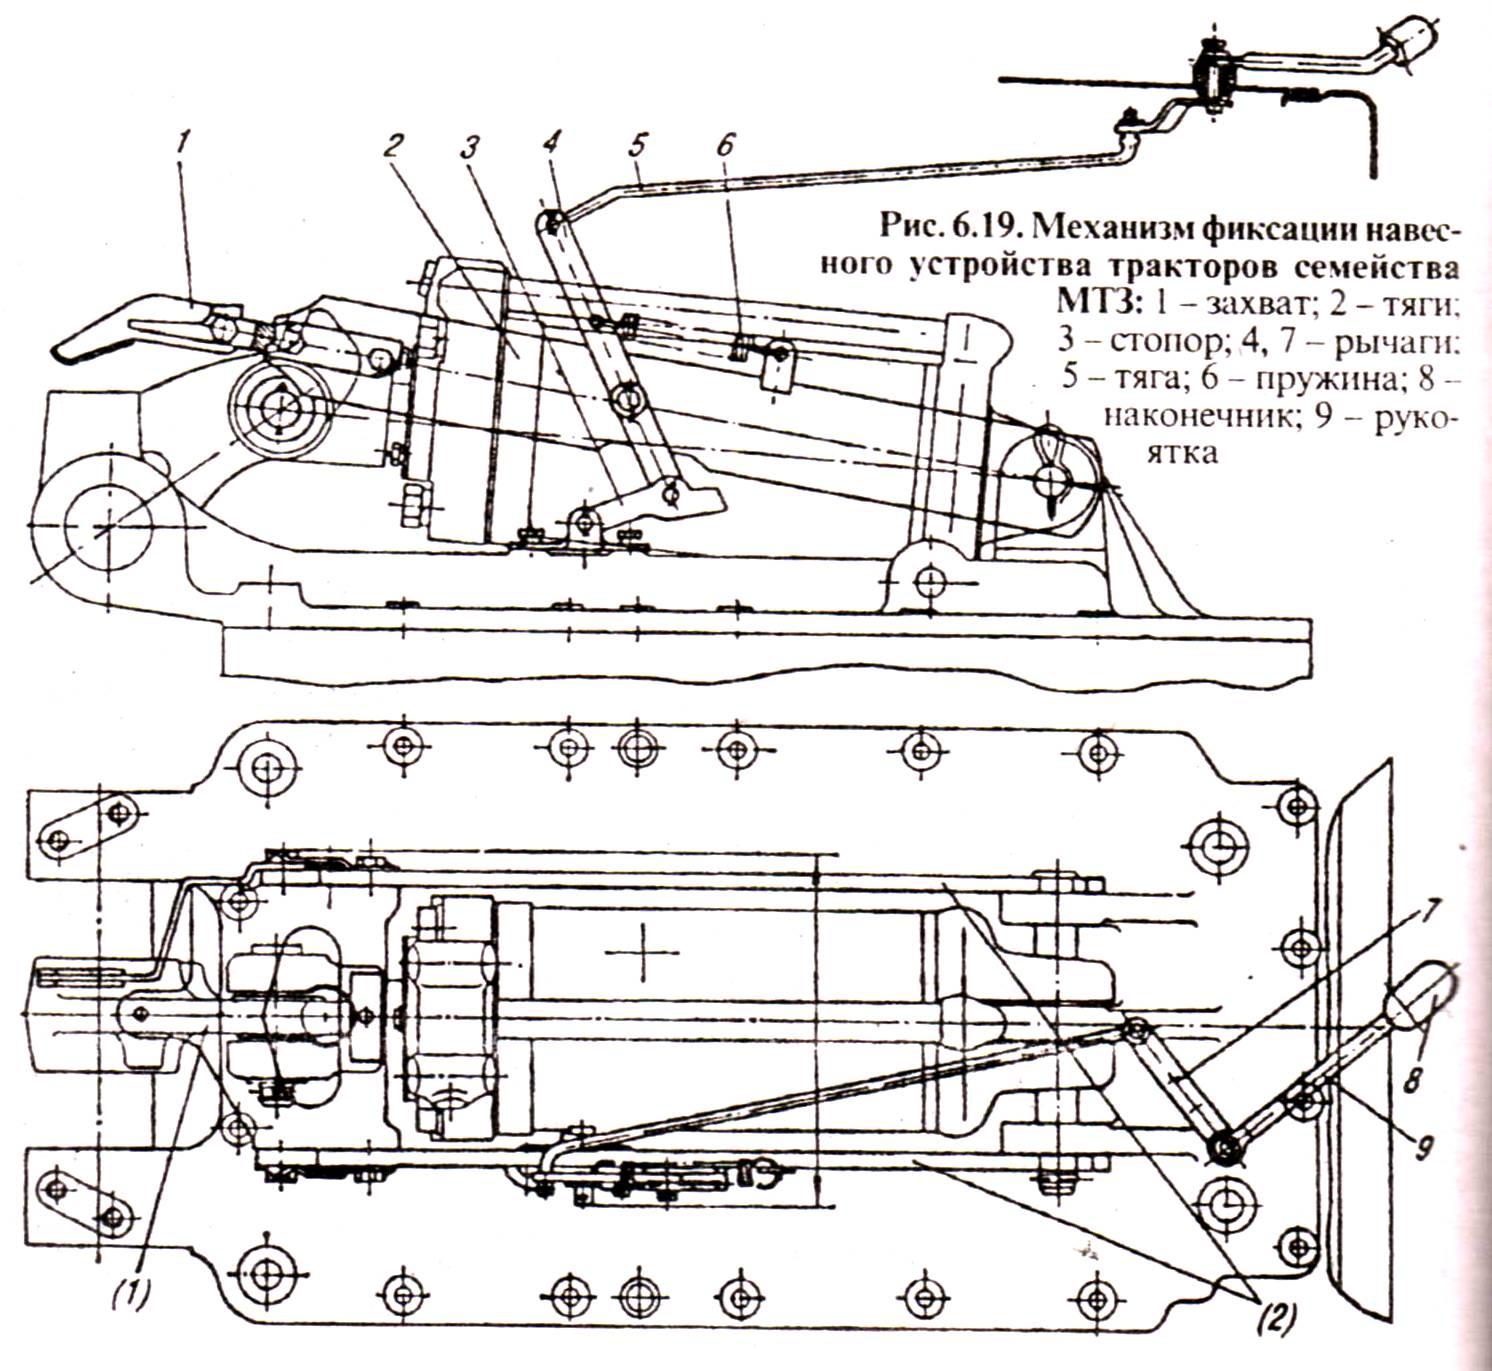 Механизм фиксации навесного устройства тракторов МТЗ